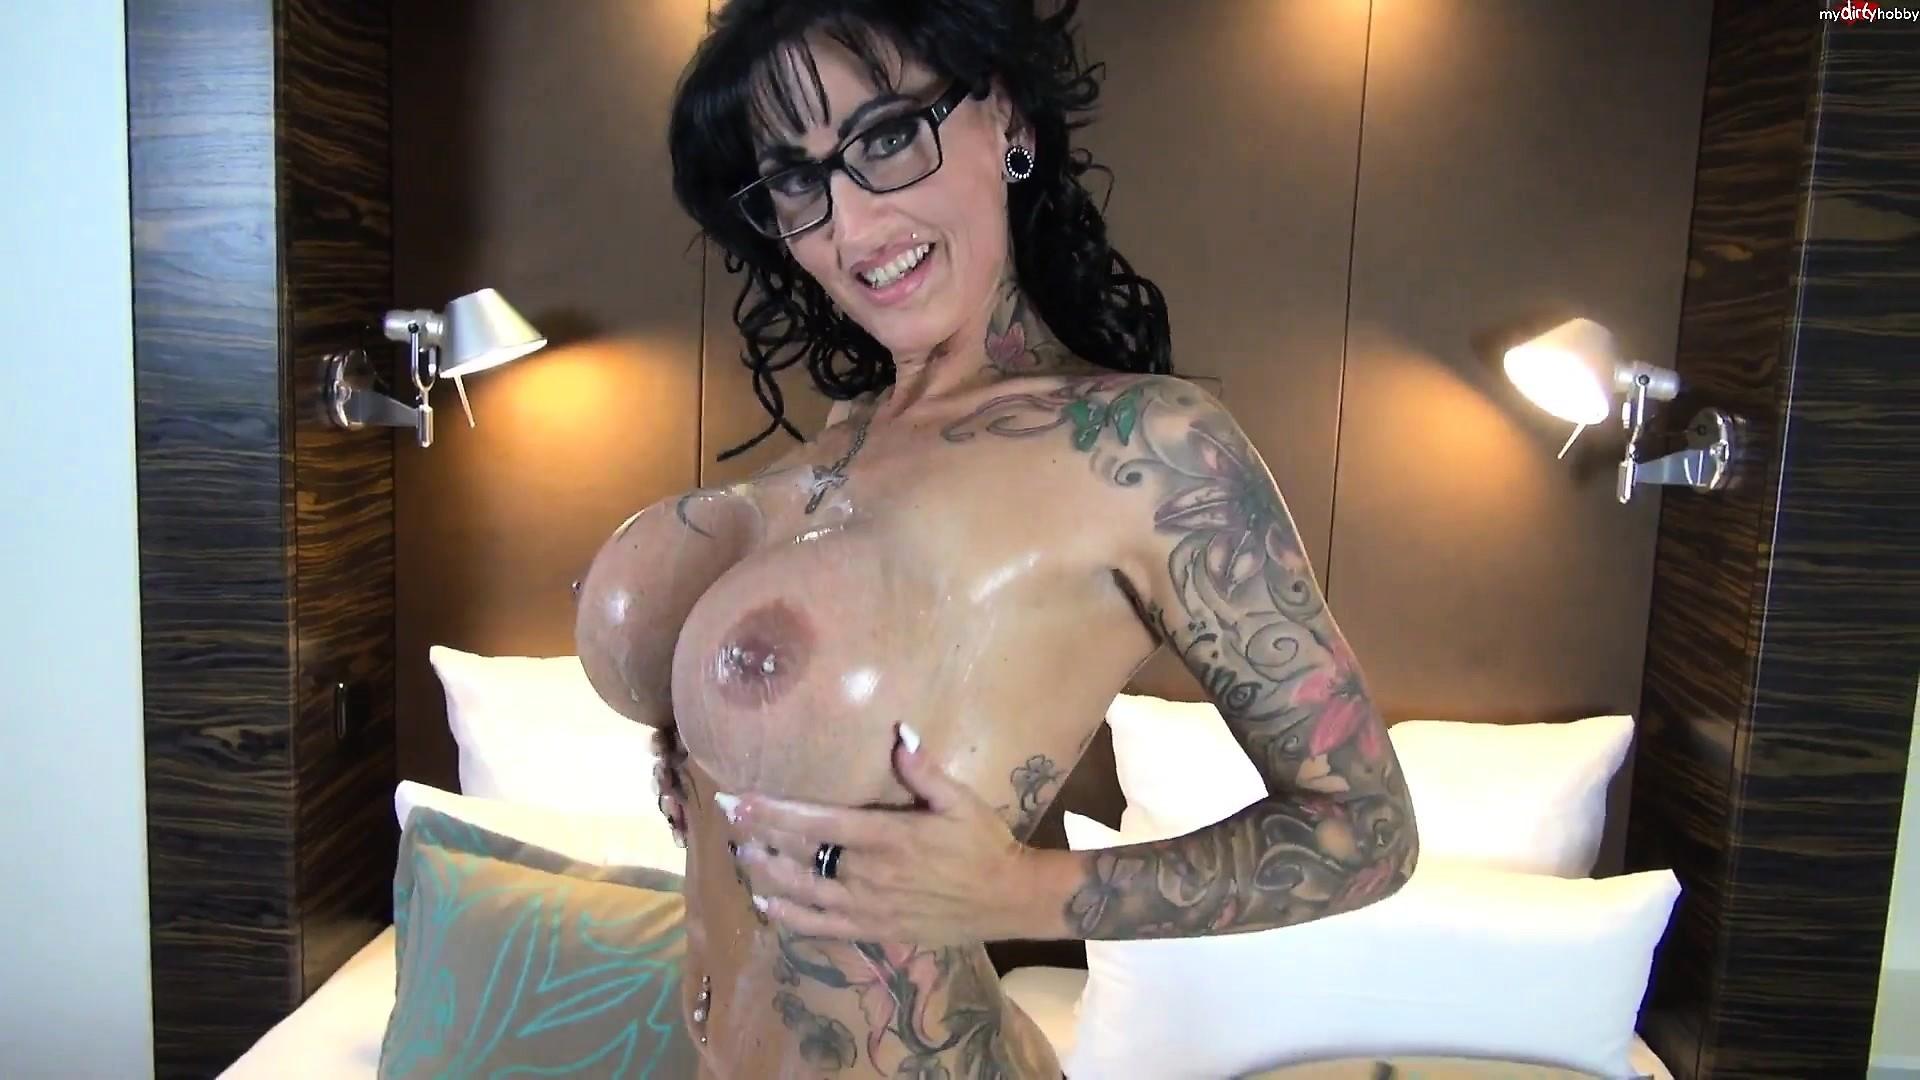 Veronica radke threesome tube search videos